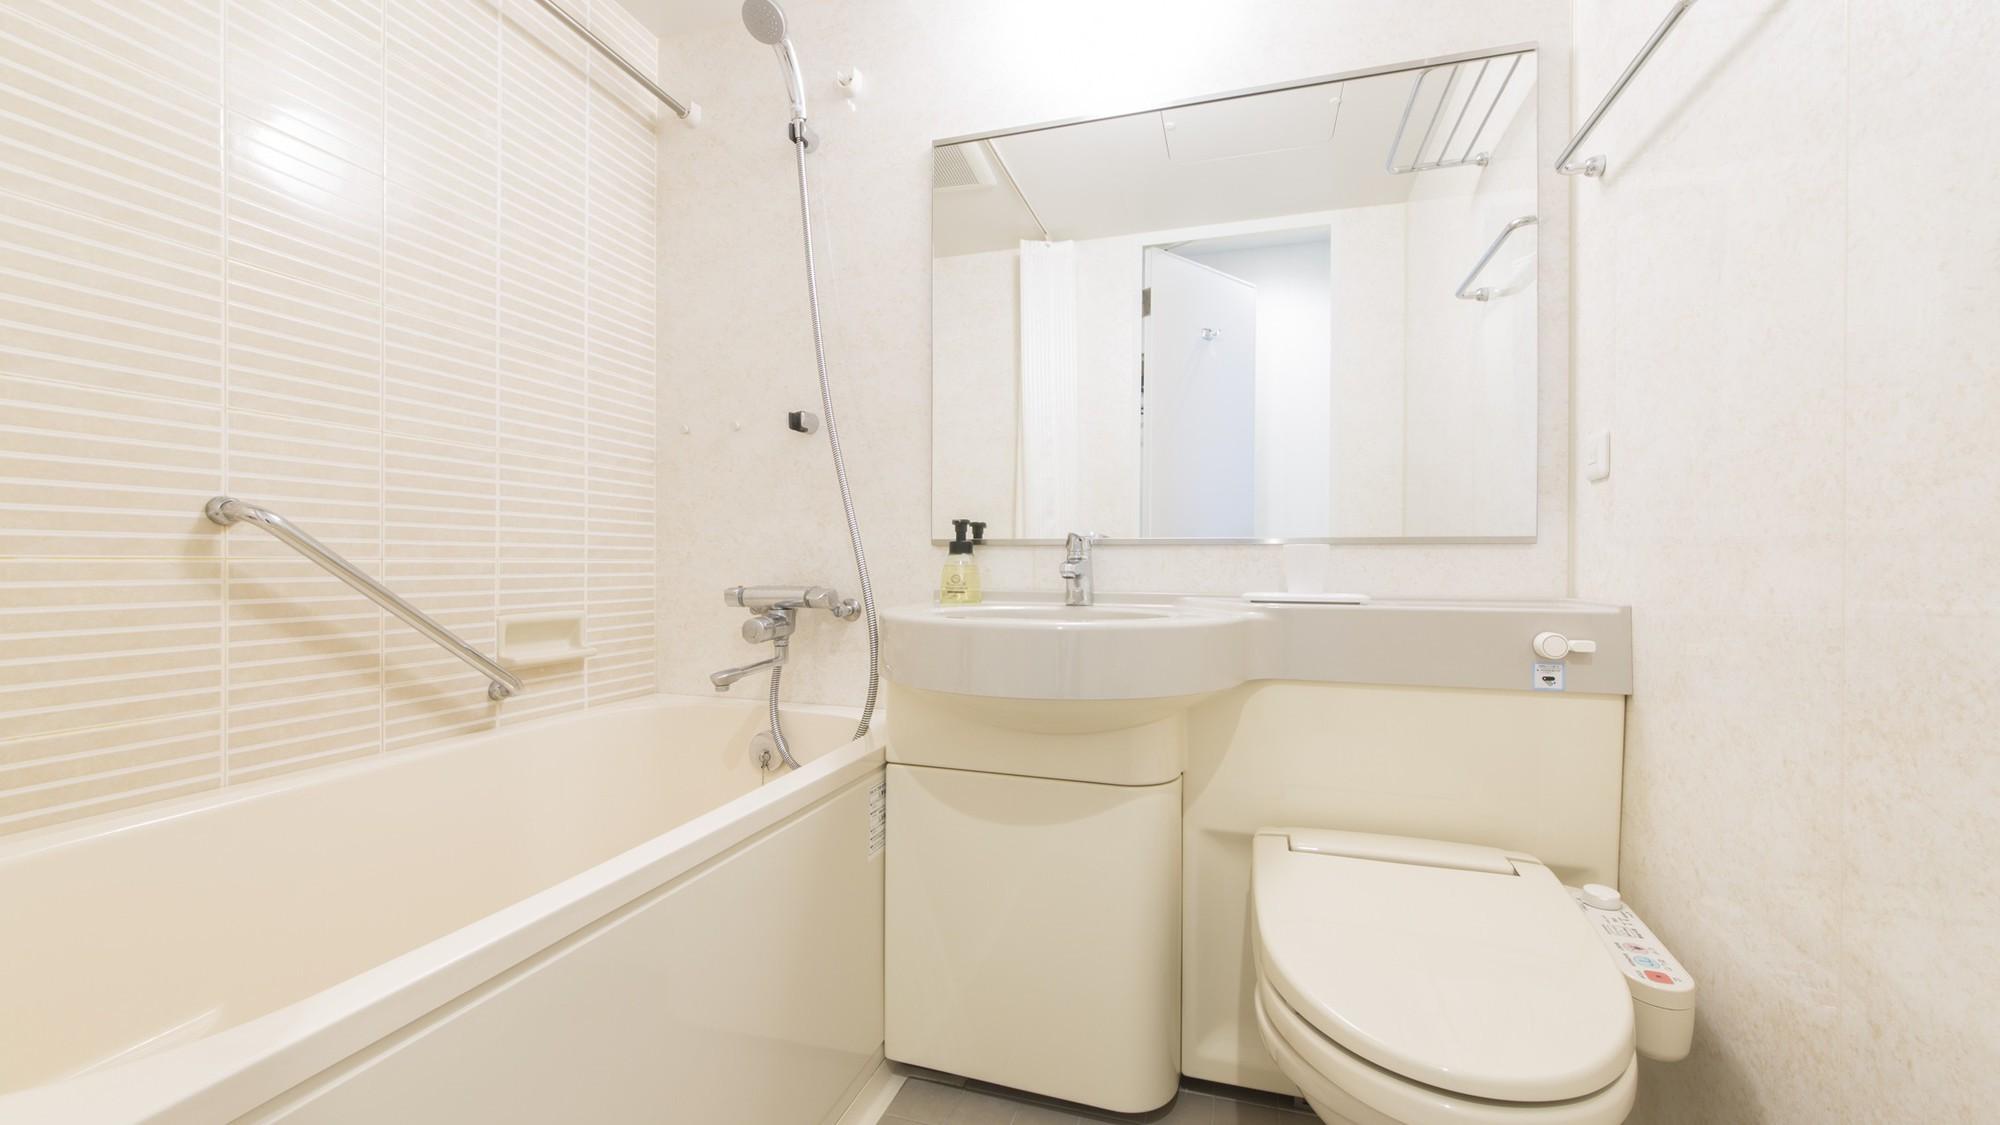 【バスルーム】バスルームはゆったりと体を伸ばせる大きさで、一日の疲れを癒すのにも最適です♪